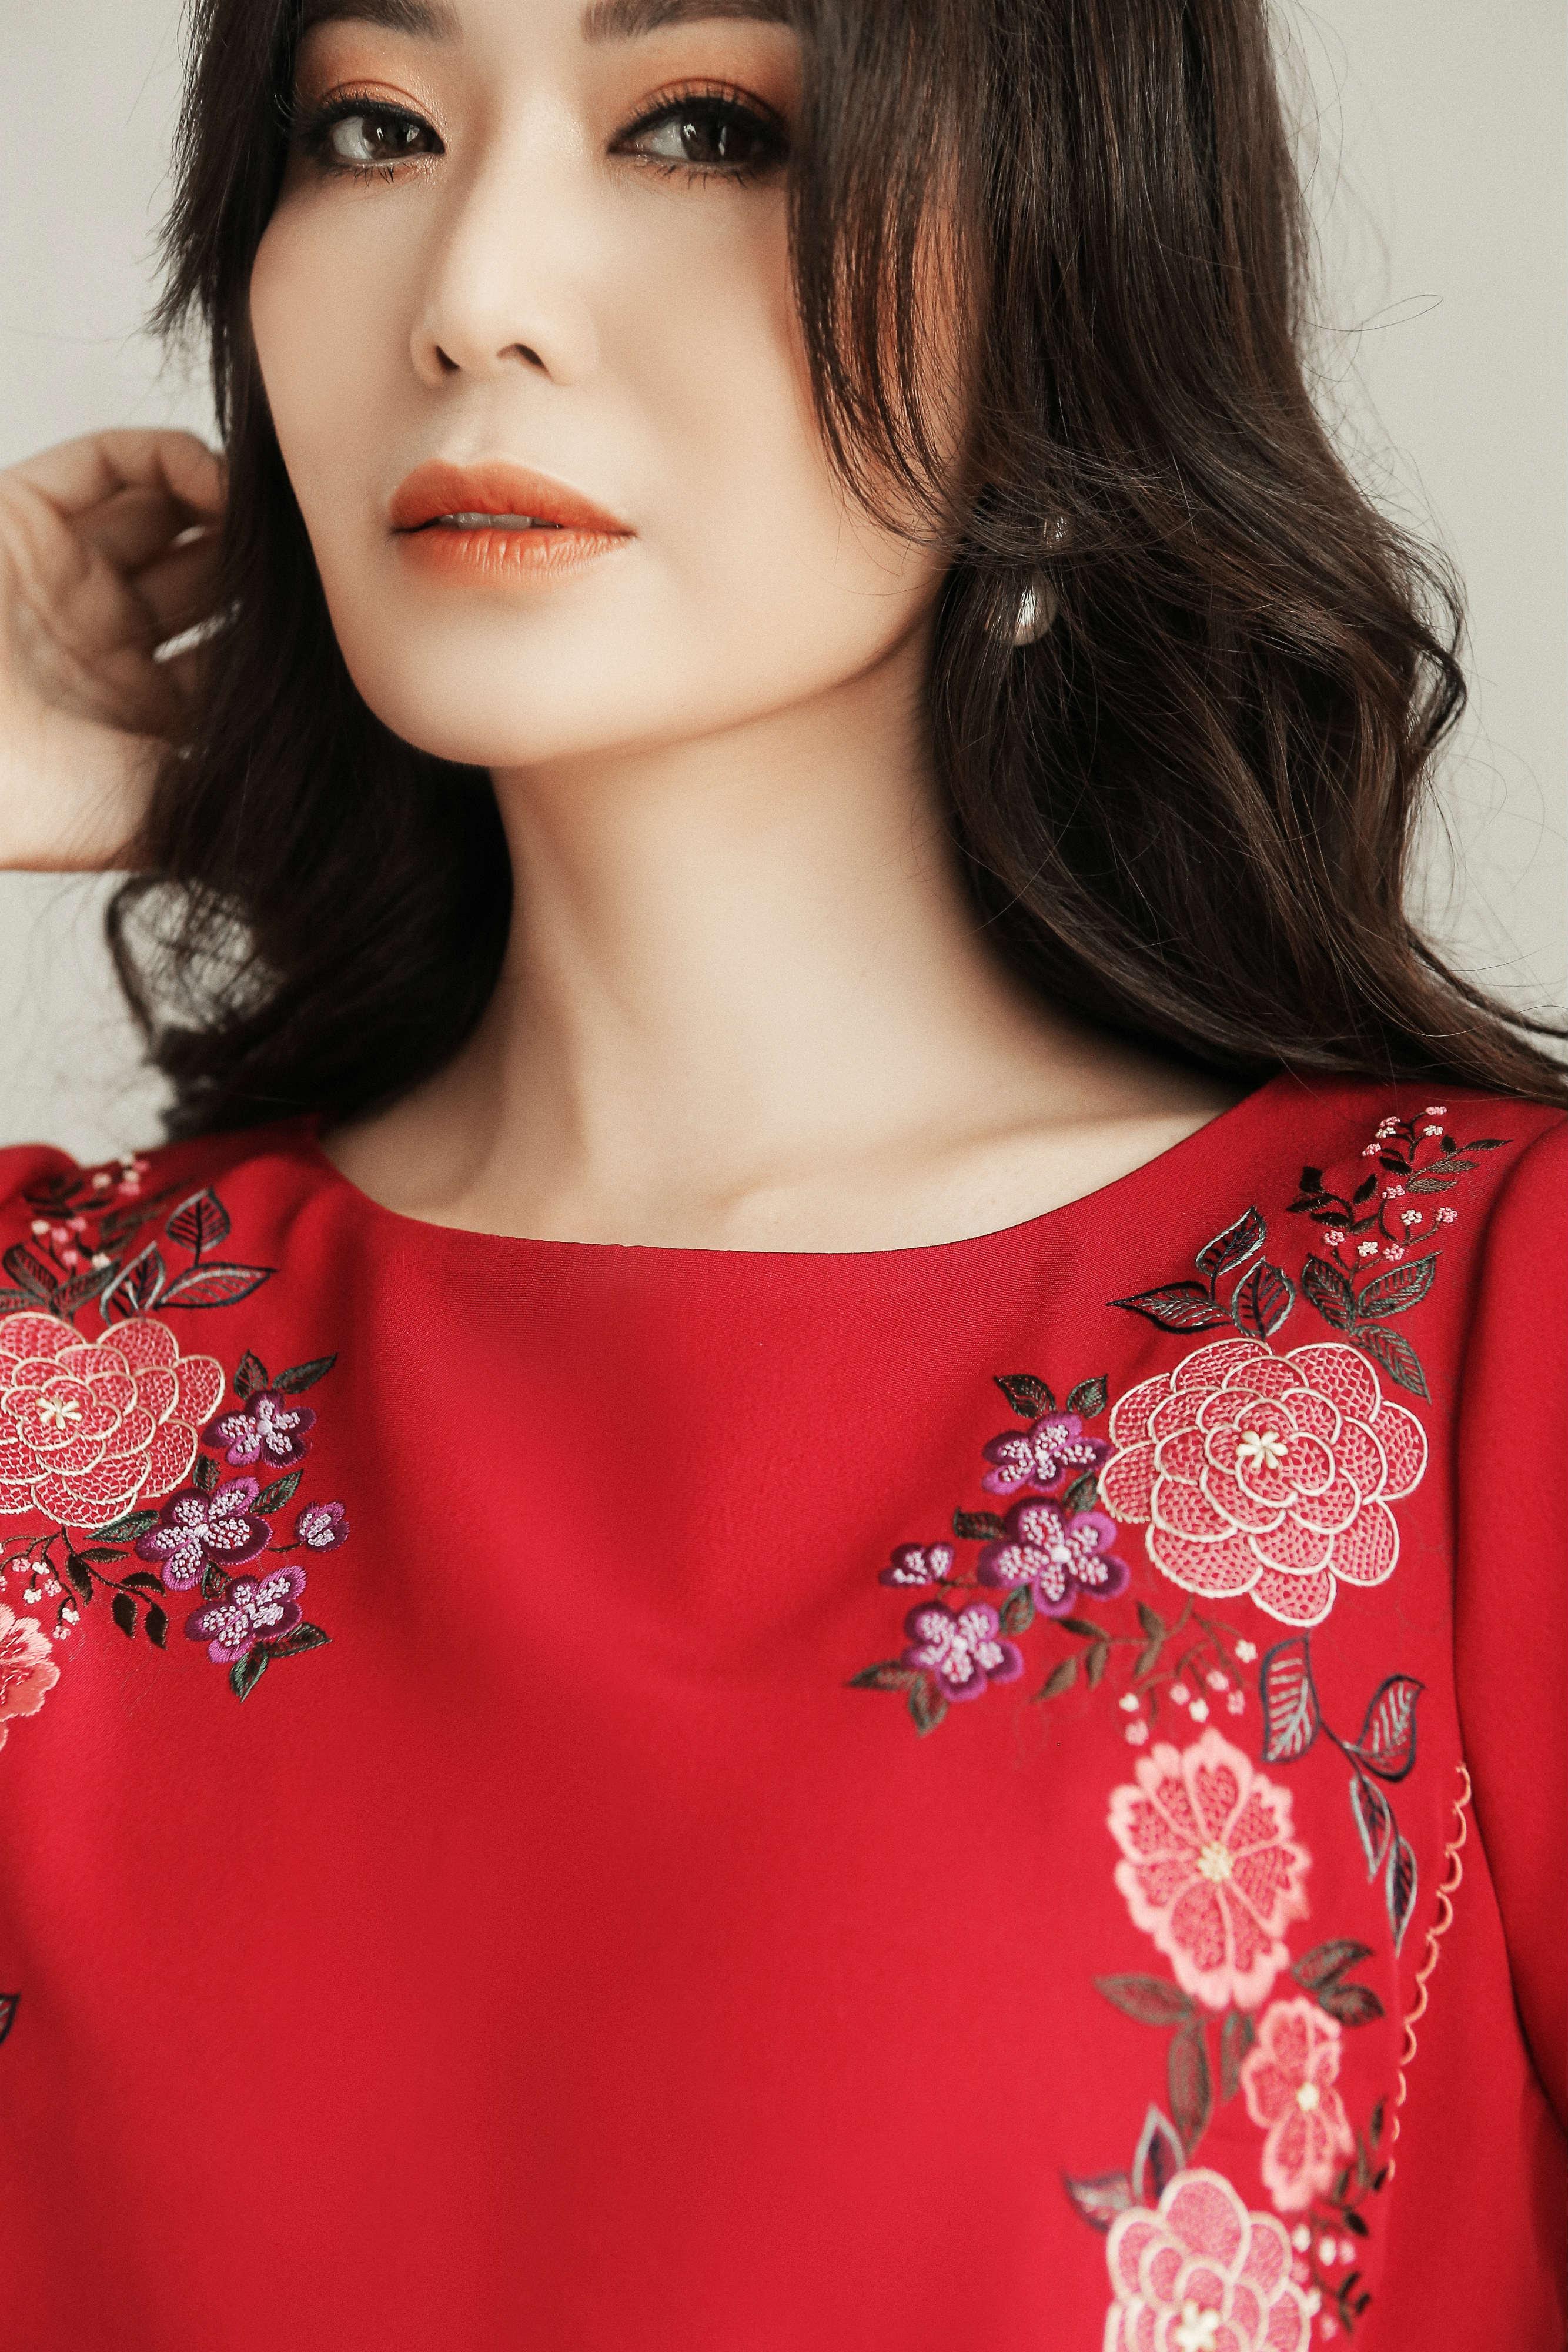 Hoa hậu Thu Thủy tiết lộ bí quyết trẻ đẹp ở tuổi 43 Ảnh 1